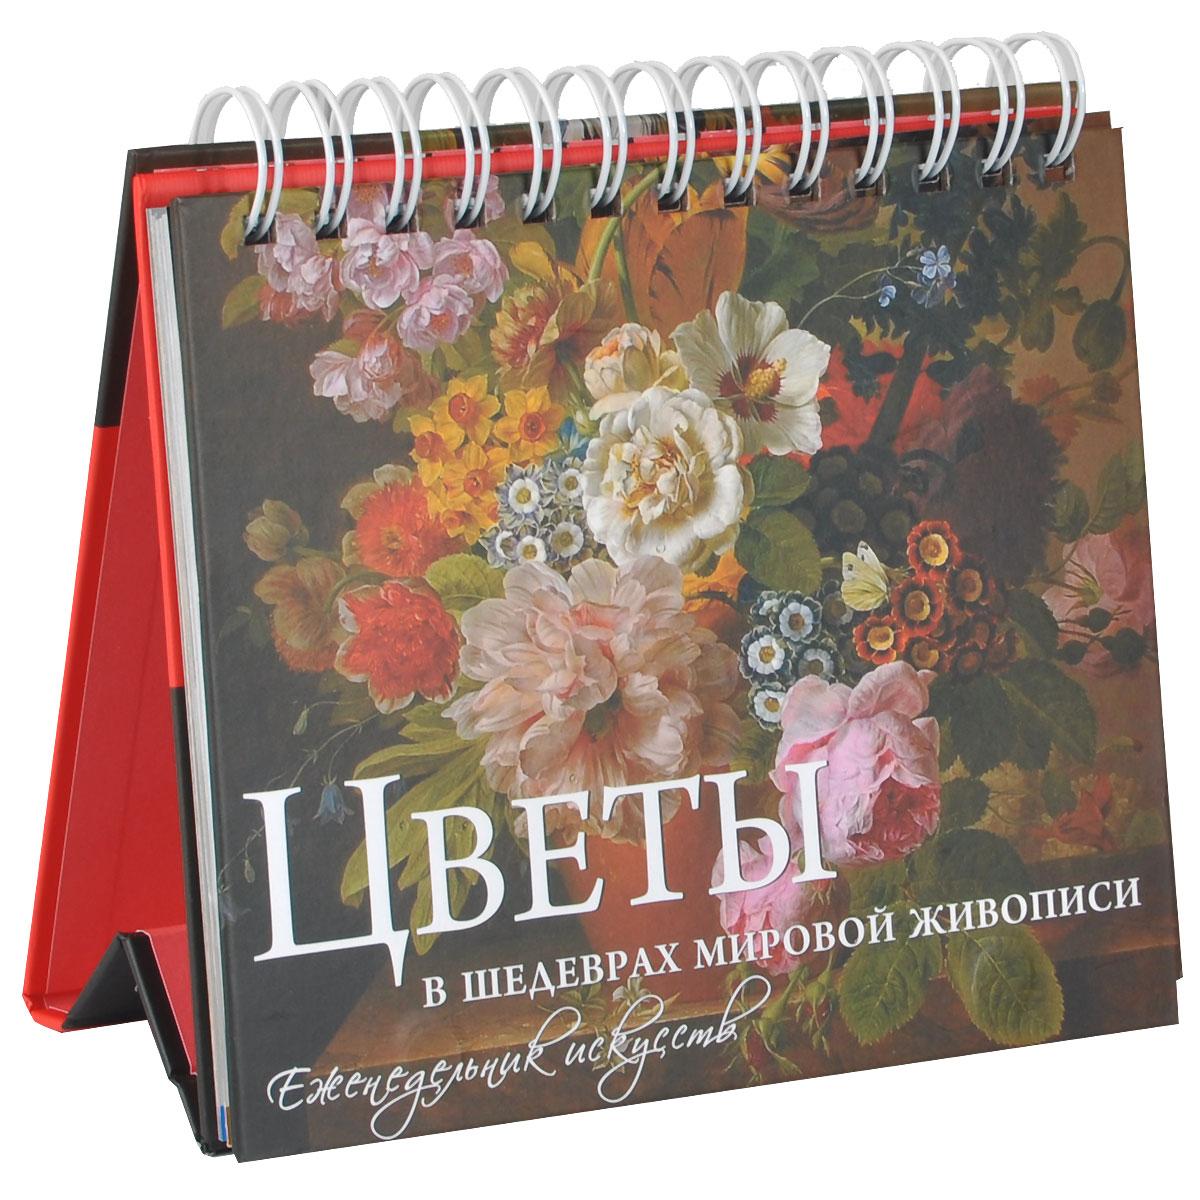 Цветы в шедеврах мировой живописи мохов с сост цветы в шедеврах мировой живописи еженедельник искусств